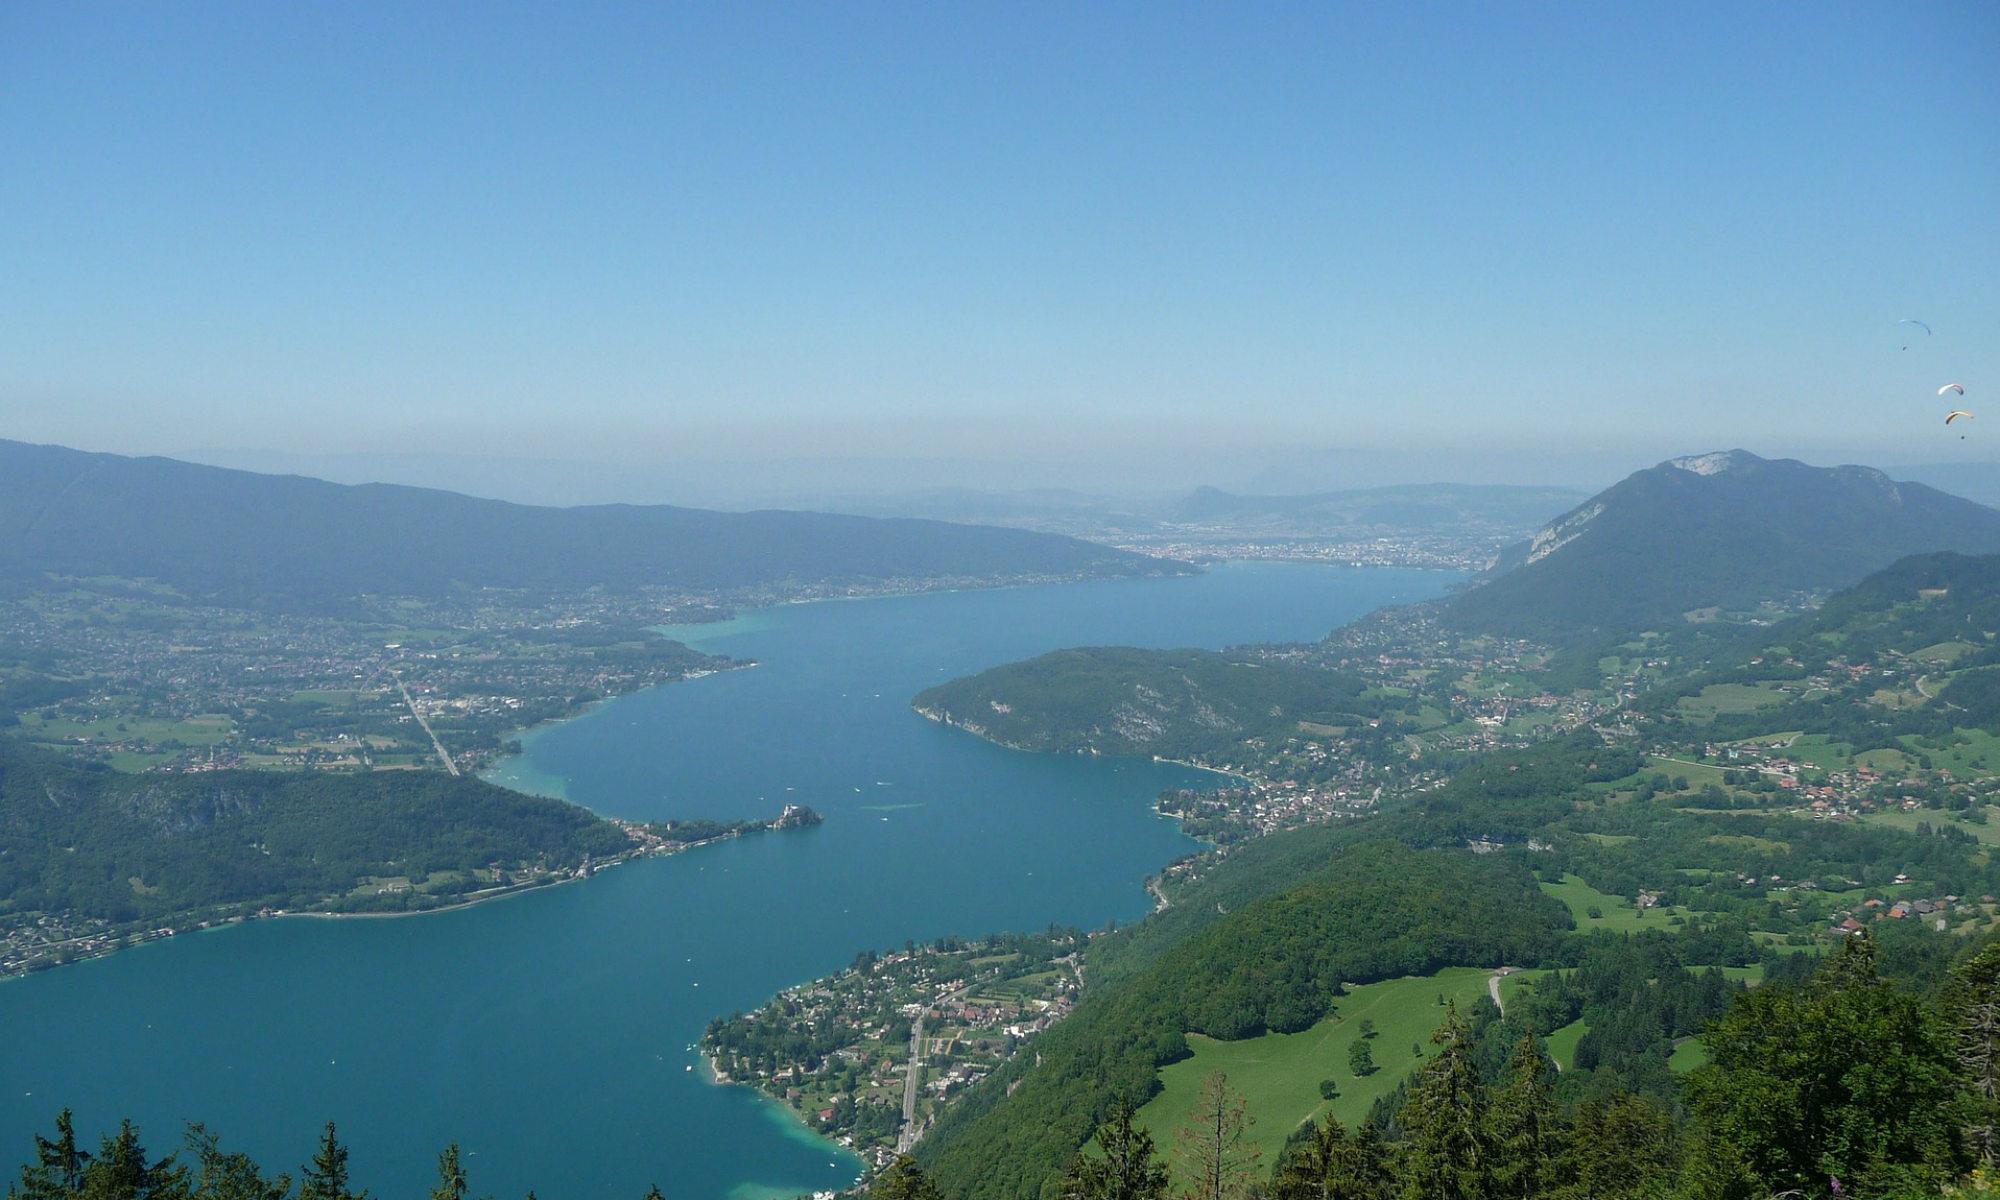 Vue aérienne sur le lac d'Annecy et le château de Duingt.